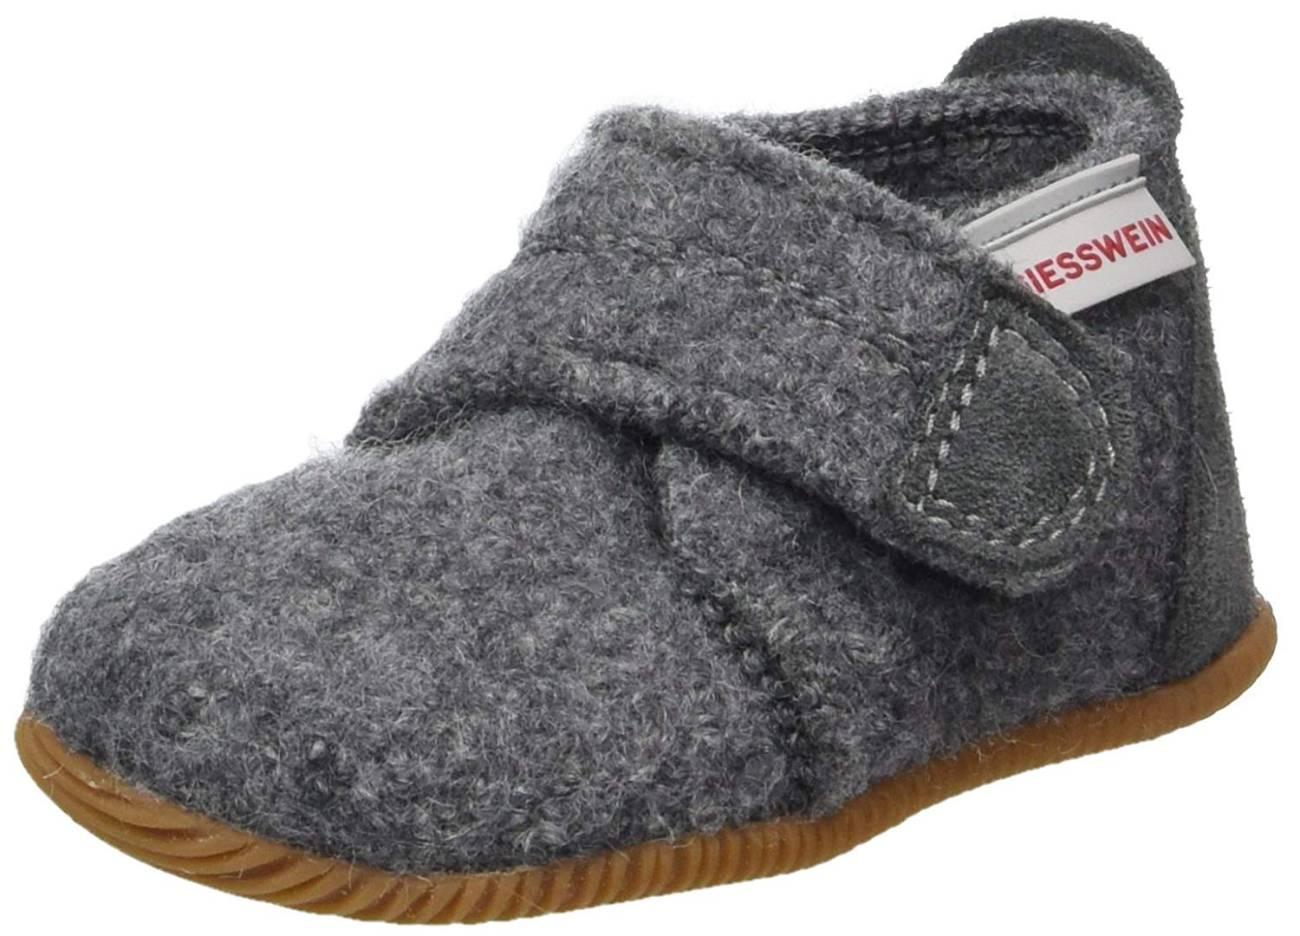 Giesswein Oberstaufen grau schiefer Schuhe Lauflernschuhe feste Sohle Damen